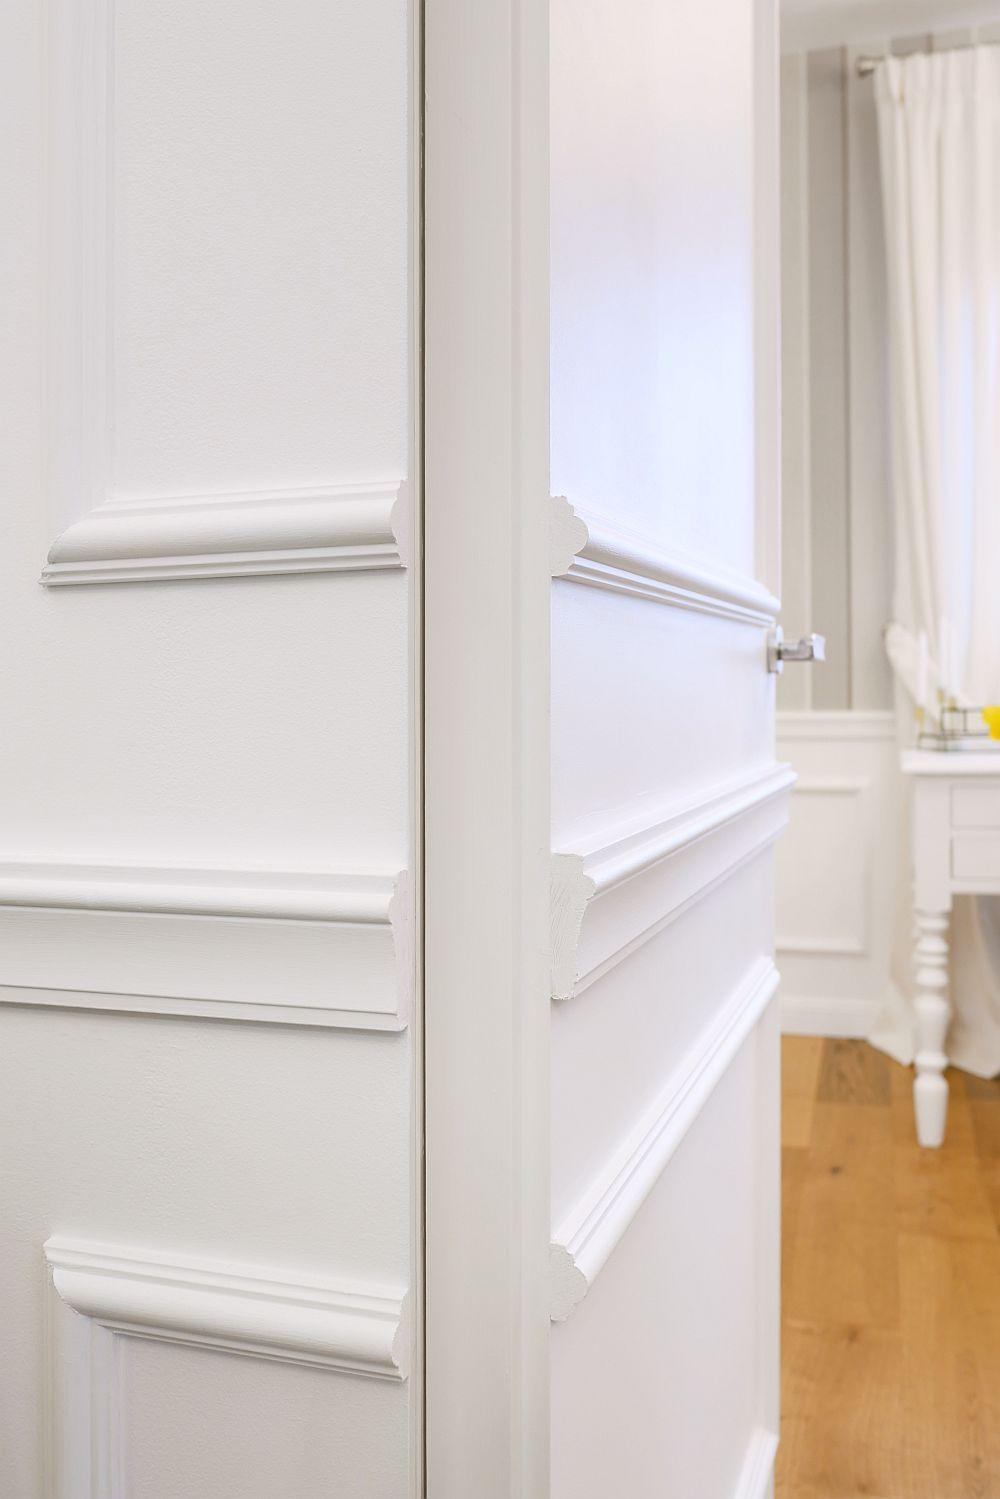 Pentru ca profilul de pe uși să nu împiedice închiderea acestora, toate detalile tehnice au fost rezolvate încă din faza de proiect împreună cu furnizorul de uși.